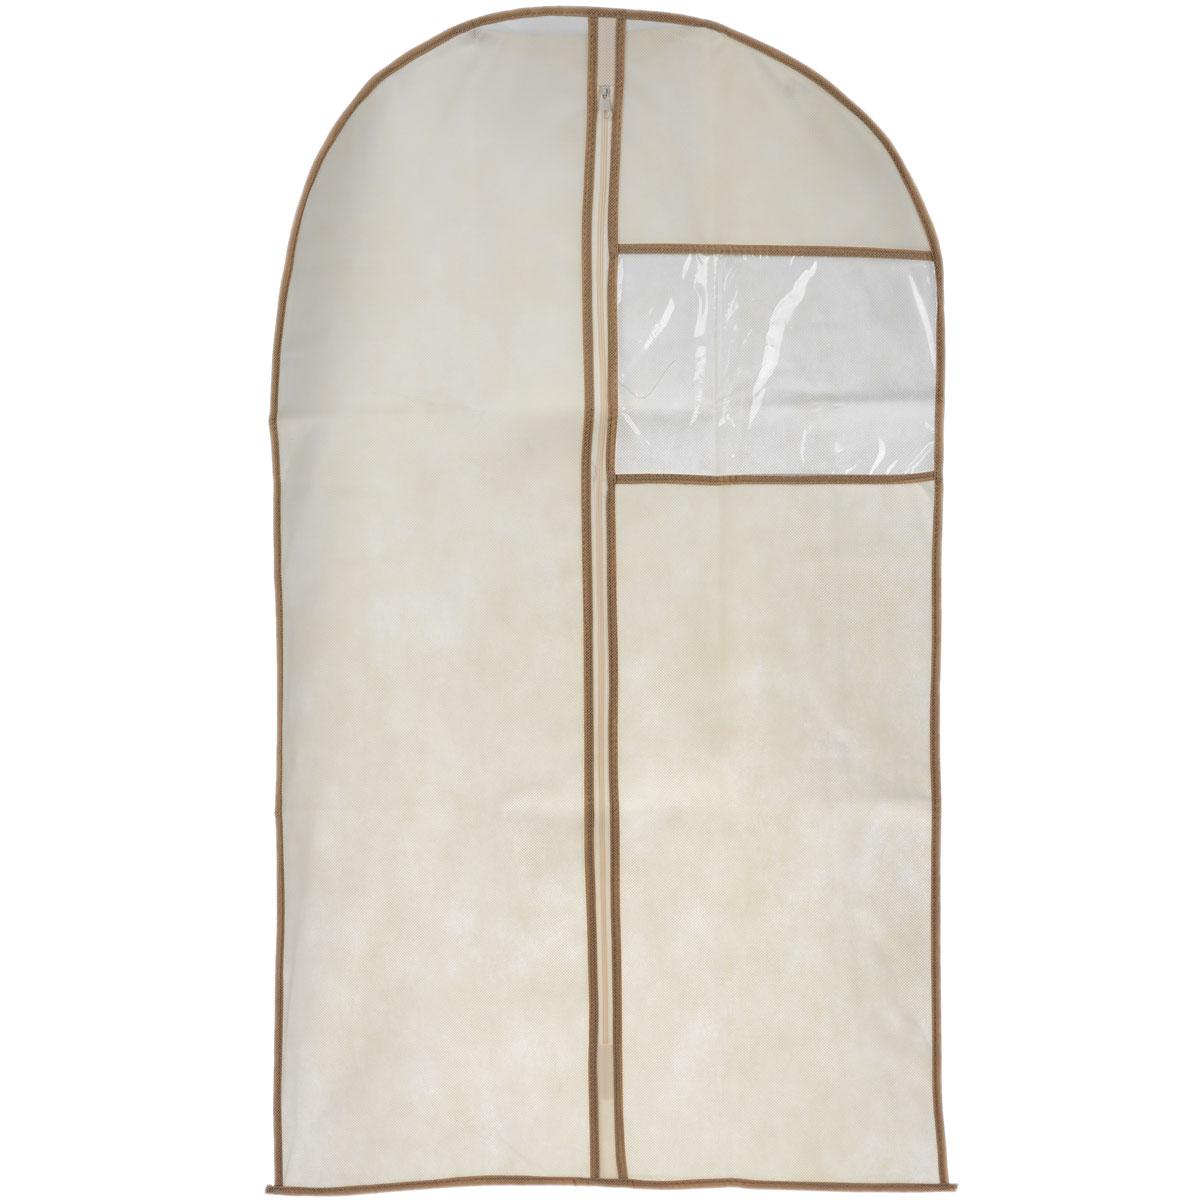 Чехол для пиджака Cosatto, цвет: бежевый, 100 см х 60 смС810_темно-синийЧехол для пиджака Cosatto изготовлен из дышащего нетканого материала (полипропилен), безопасного в использовании. Предназначен для хранения курток, пиджаков и жакетов. Имеет прозрачное окно, застежку-молнию и специальное отверстие для крючка вешалки. Материал можно протирать в случае загрязнения влажной тряпкой.